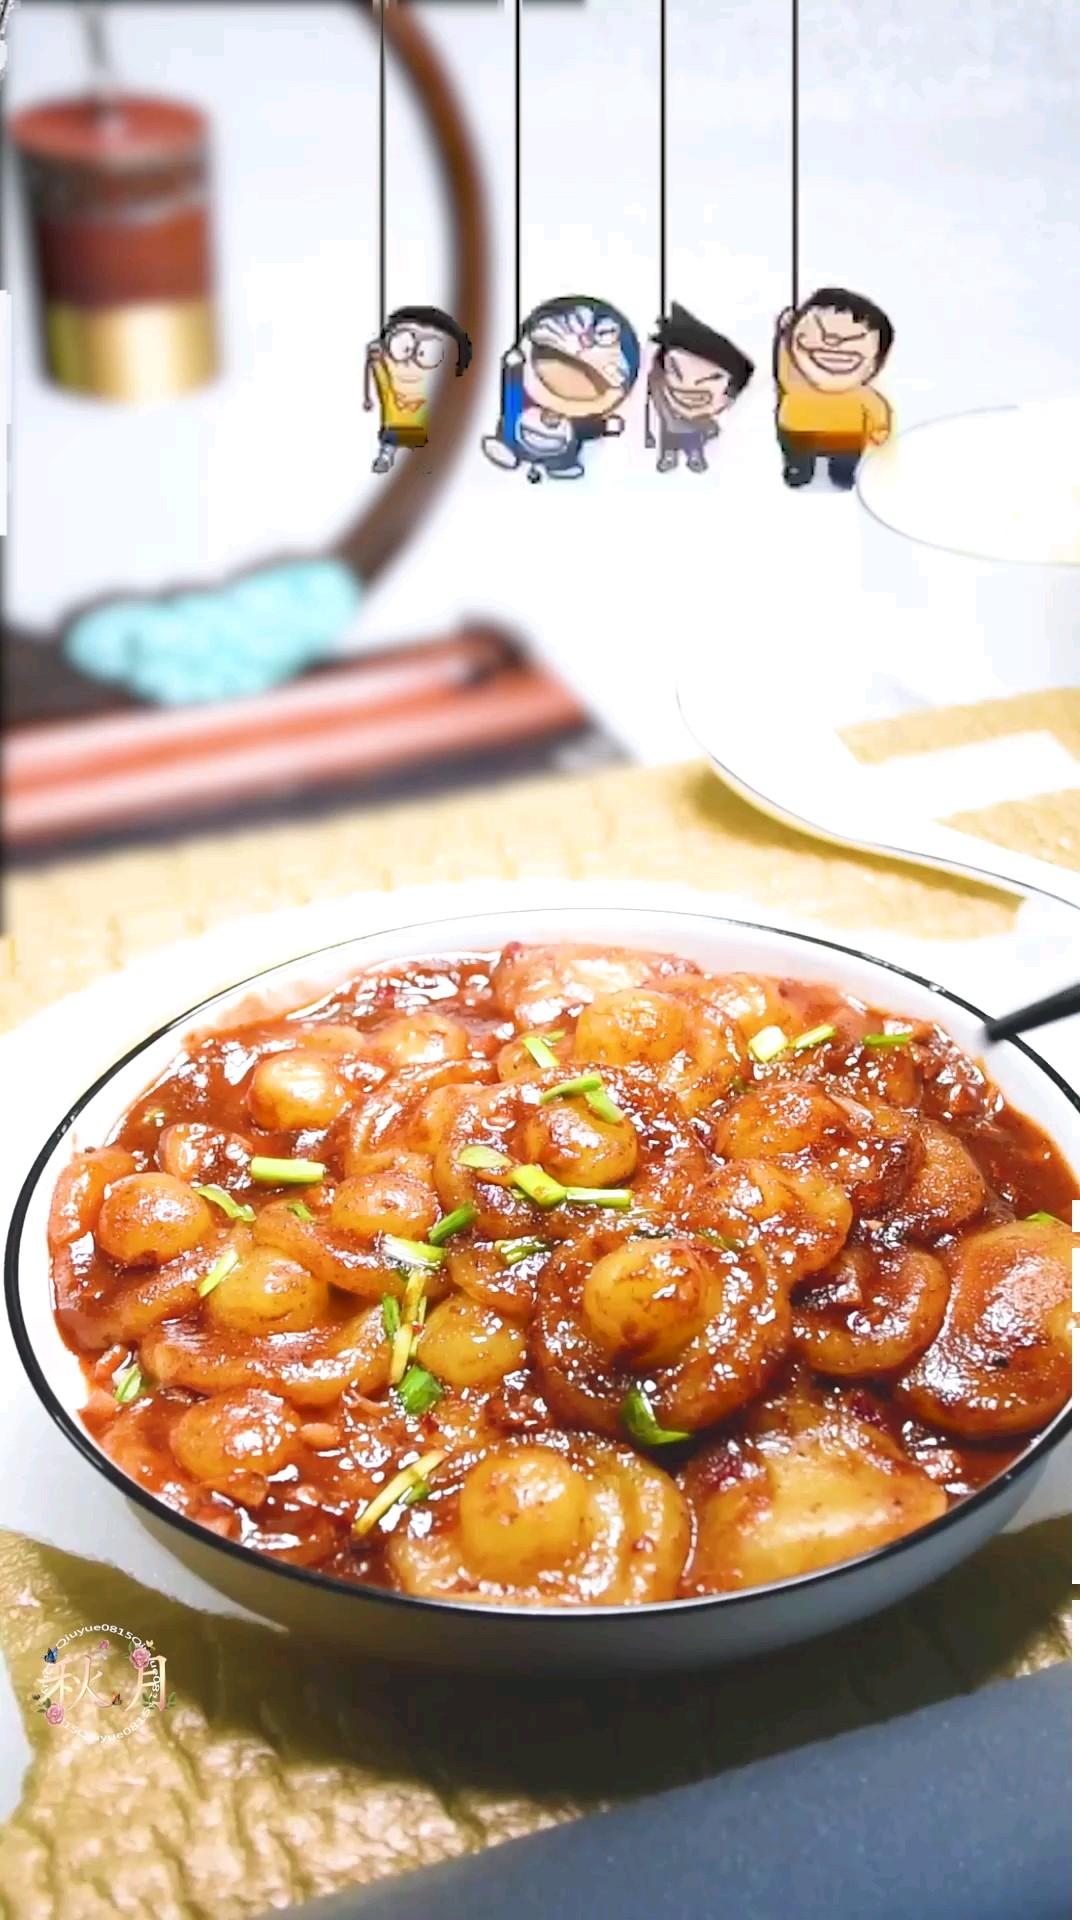 仿香菇土豆